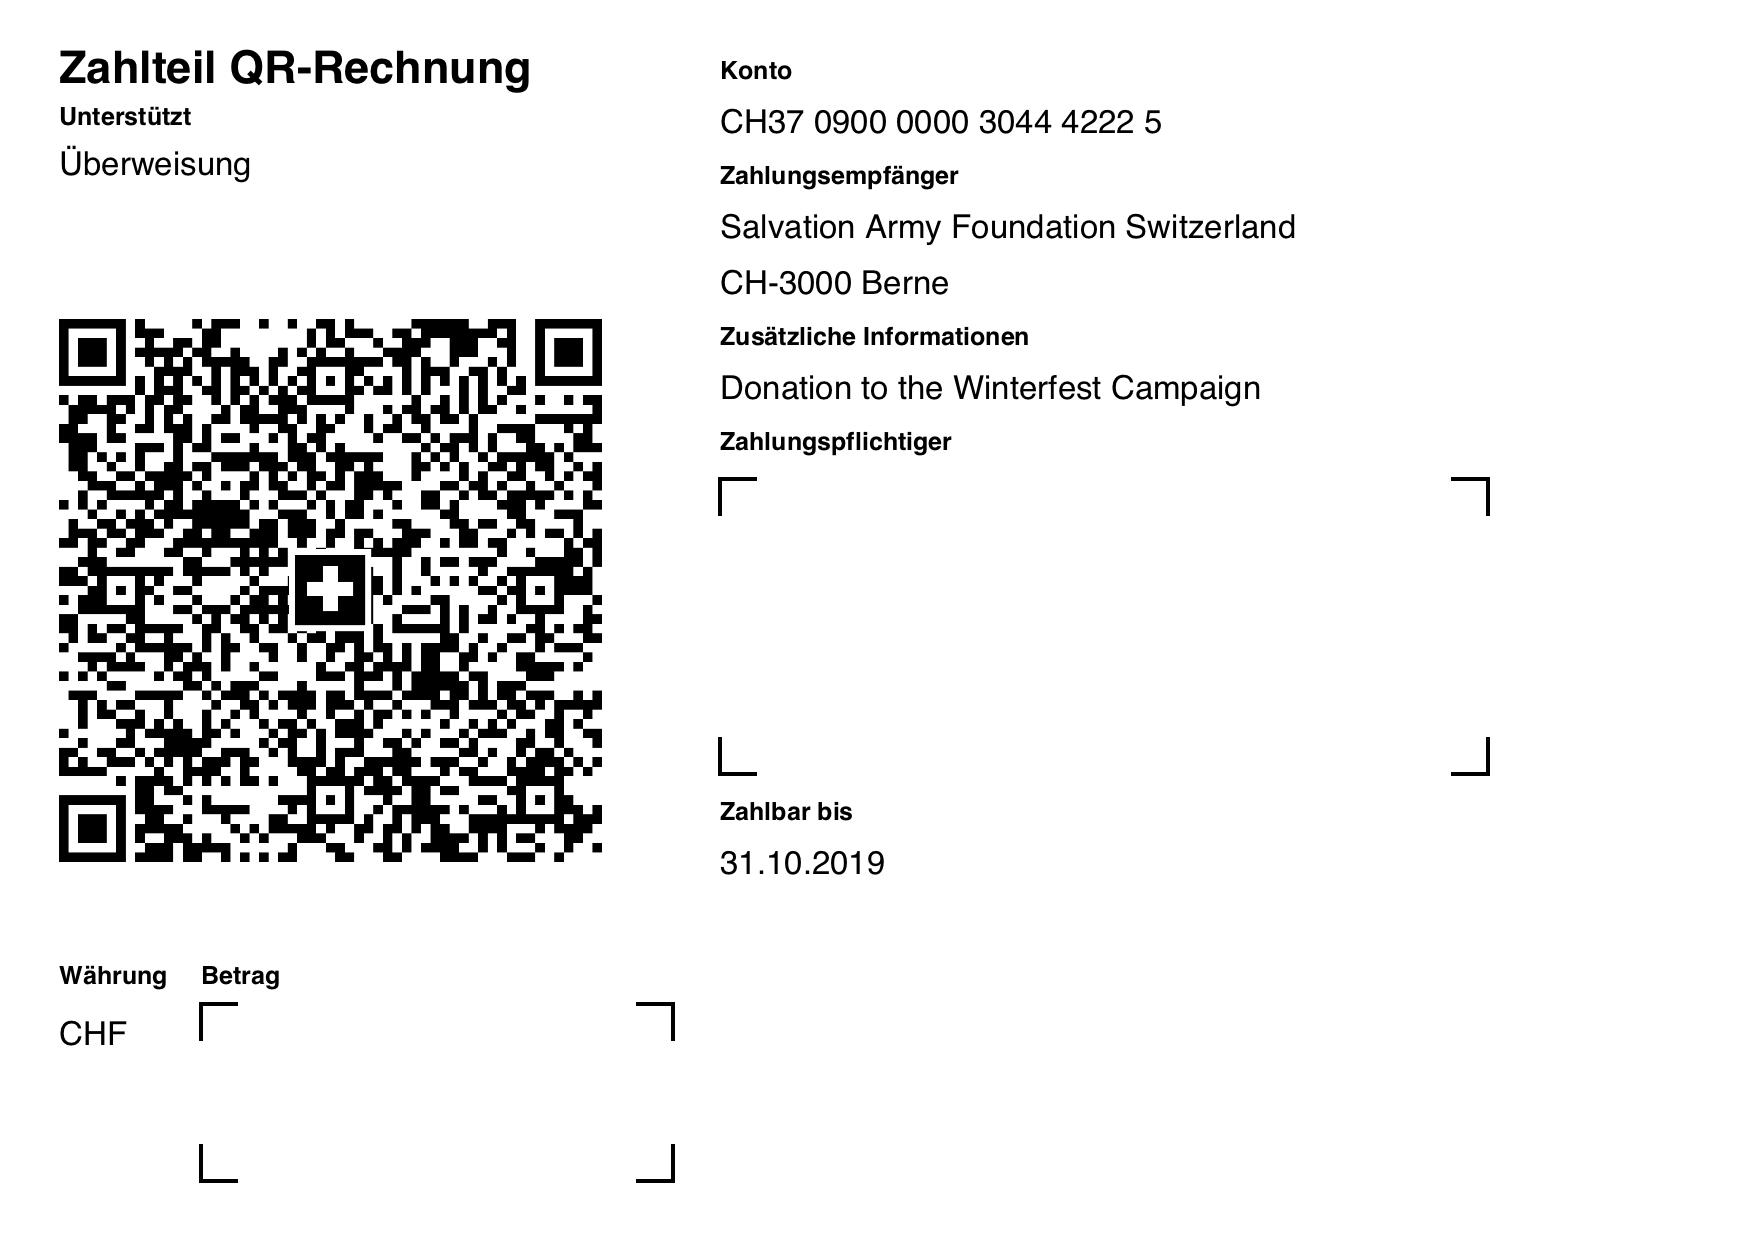 ISO-20022 QR Code Rechnung ohne Referenz, Betrag und Zahlungspflichtiger mit Due Date